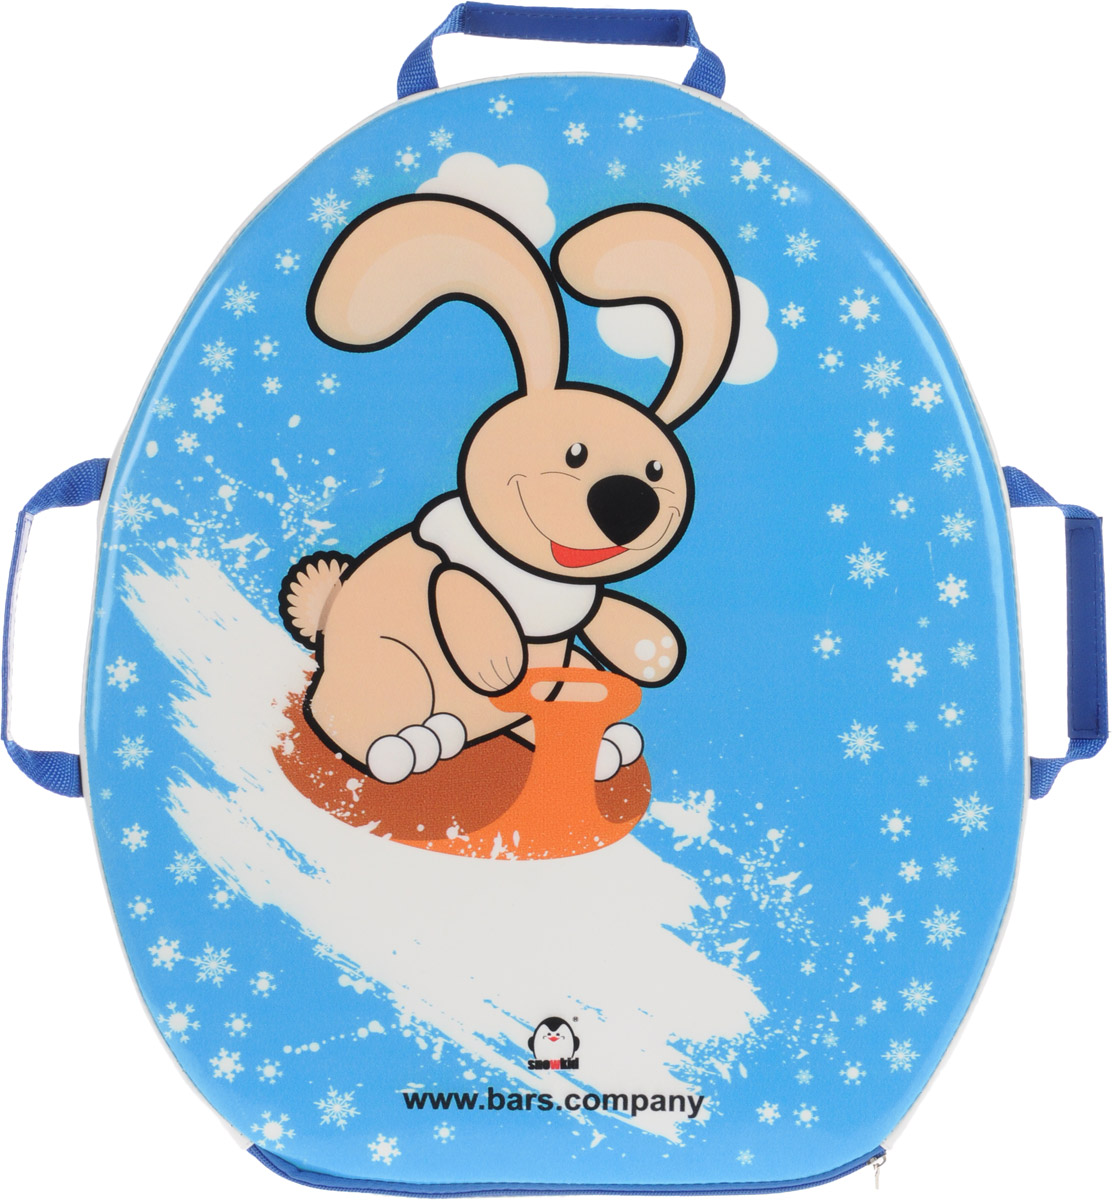 Санки-ледянка Snowkid, цвет: белый, голубой, 50 х 40 х 5 см338491Санки-ледянка Snowkid - отличный вариант для веселого и безопасного спуска с заснеженных гор. Ледянка сконструирована так, что прекрасно сглаживает неровности снежного или ледяного покрова склона. Используемые для ее изготовления материалы очень прочны, что позволит пользоваться ей не один год. Изделие снабжено удобными и прочными ручками.Зимние игры на свежем воздухе. Статья OZON Гид